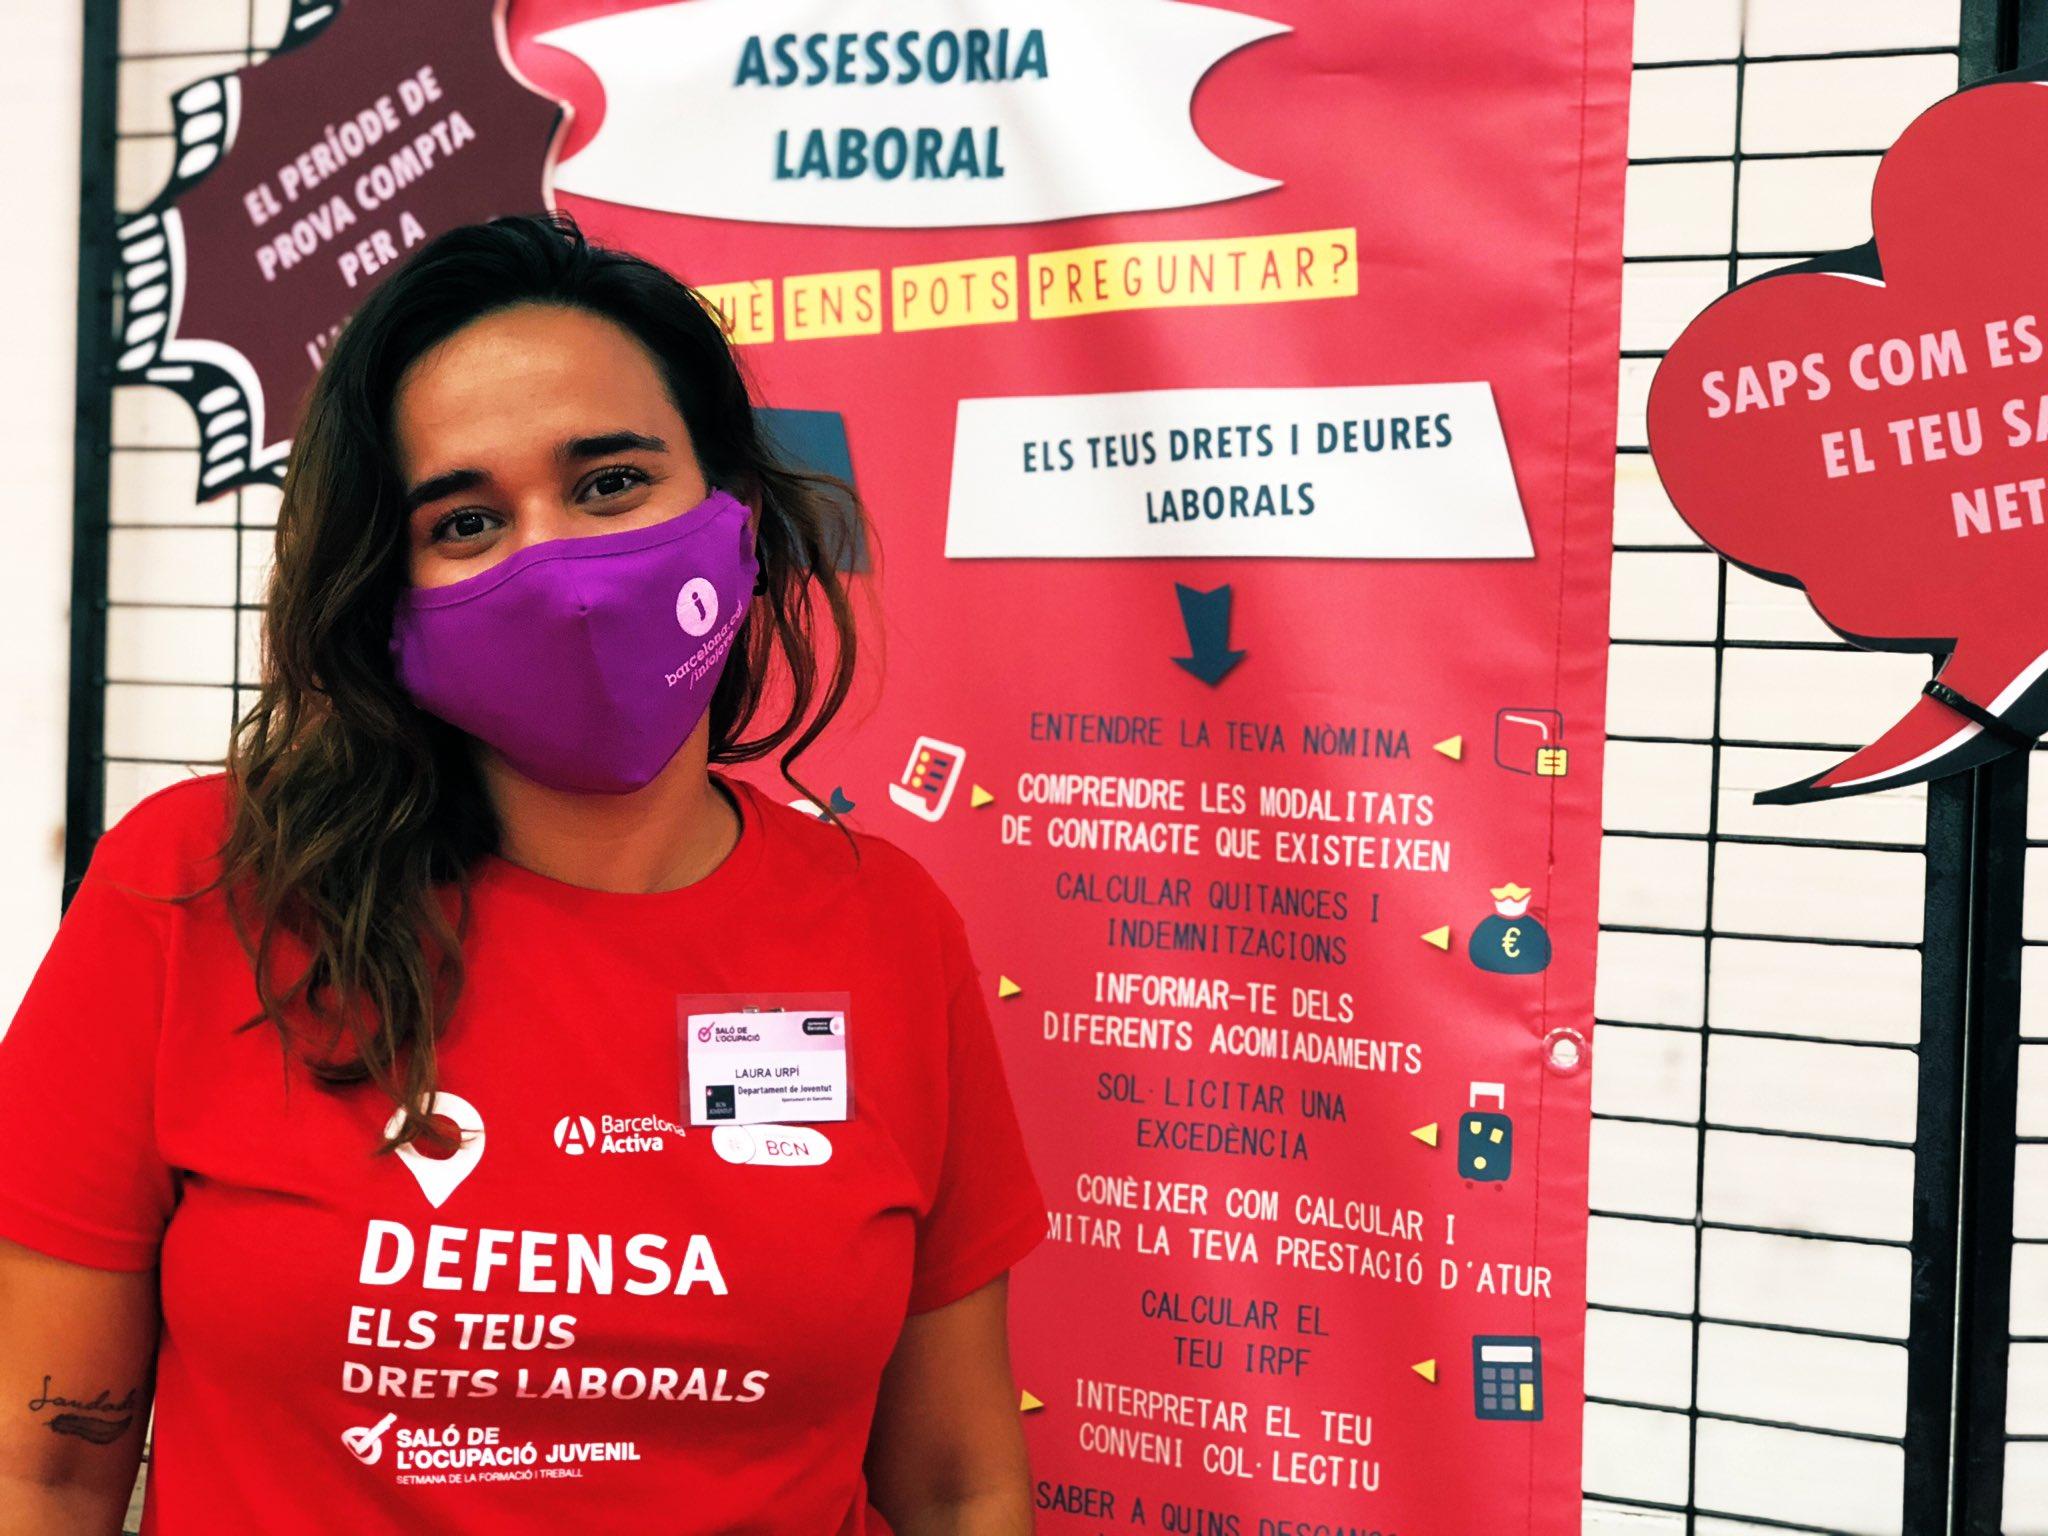 Assessoria laboral per a joves - Exposicio al Saló de l'Ocupacio